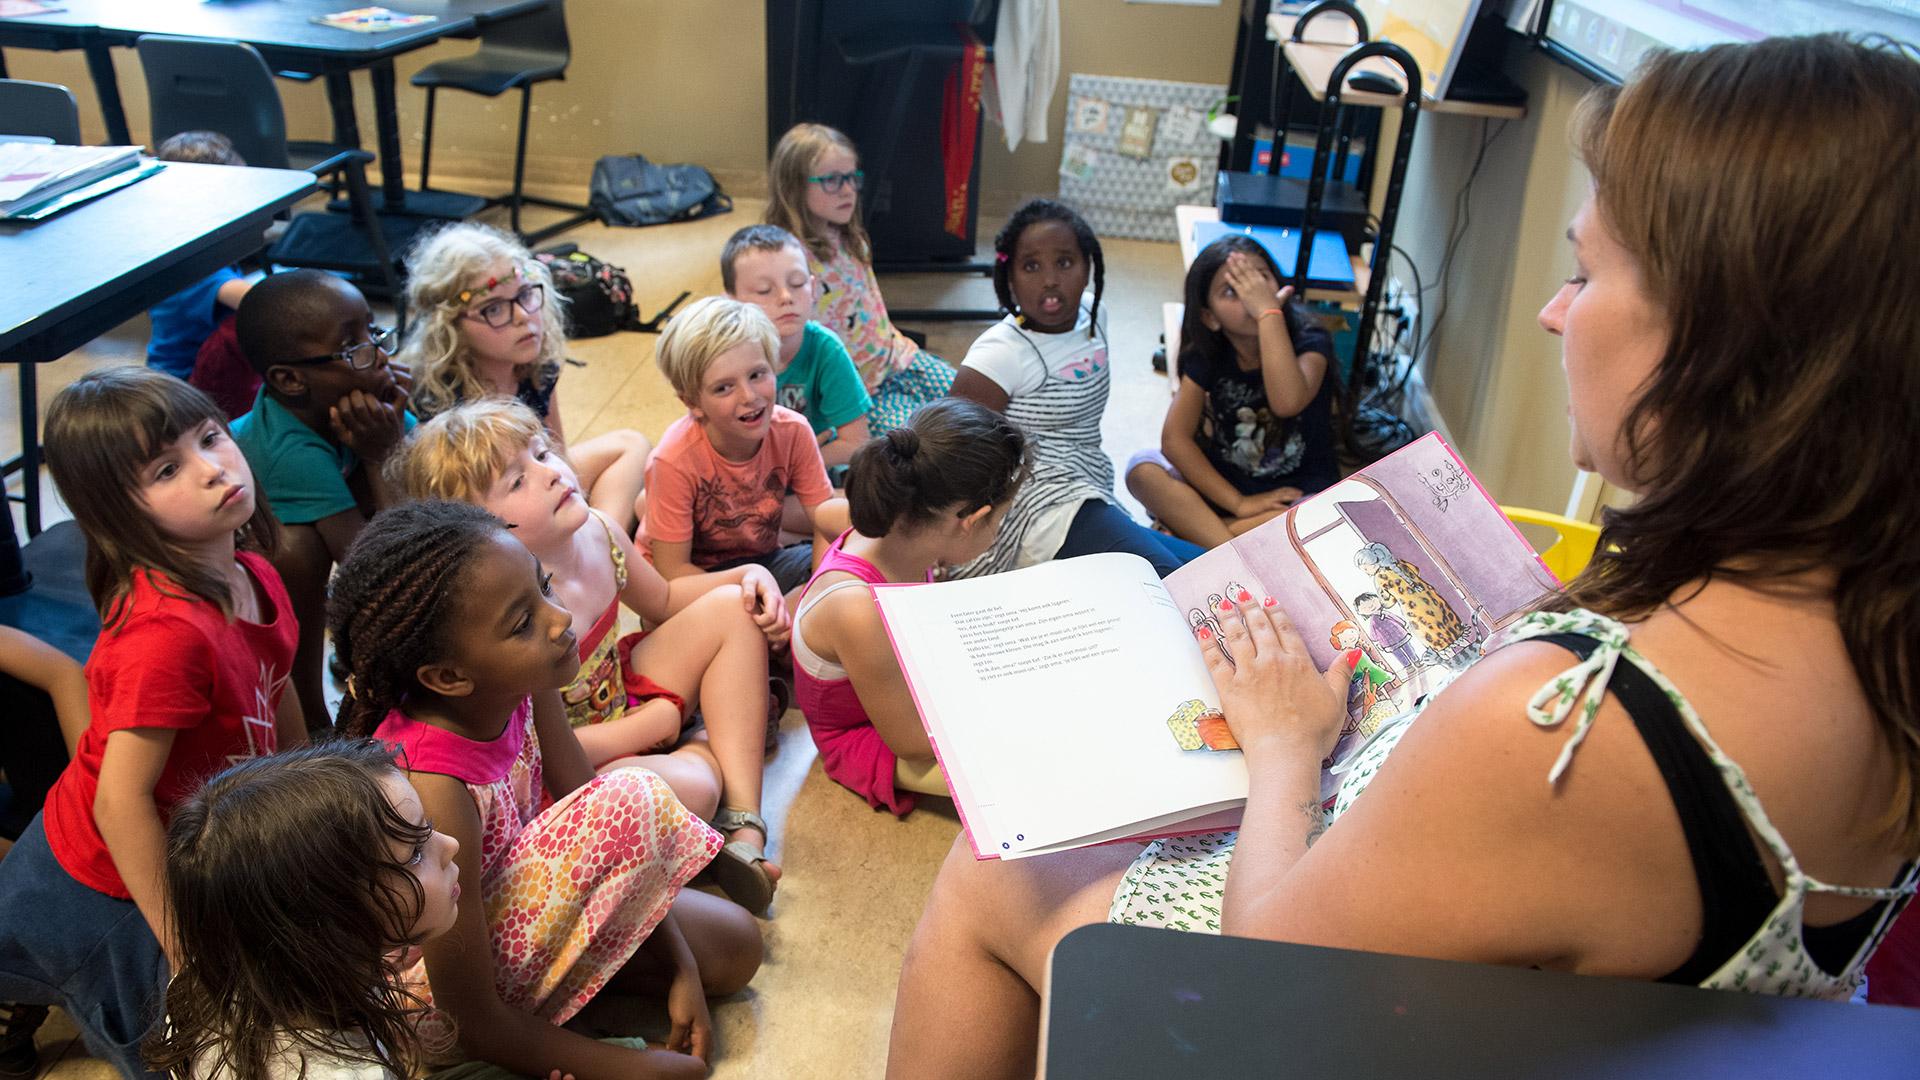 Hoe betrek je anderstalige nieuwkomers of anderstalige leerlingen tijdens de lessen taal en lezen? Enkele adviezen en tips.